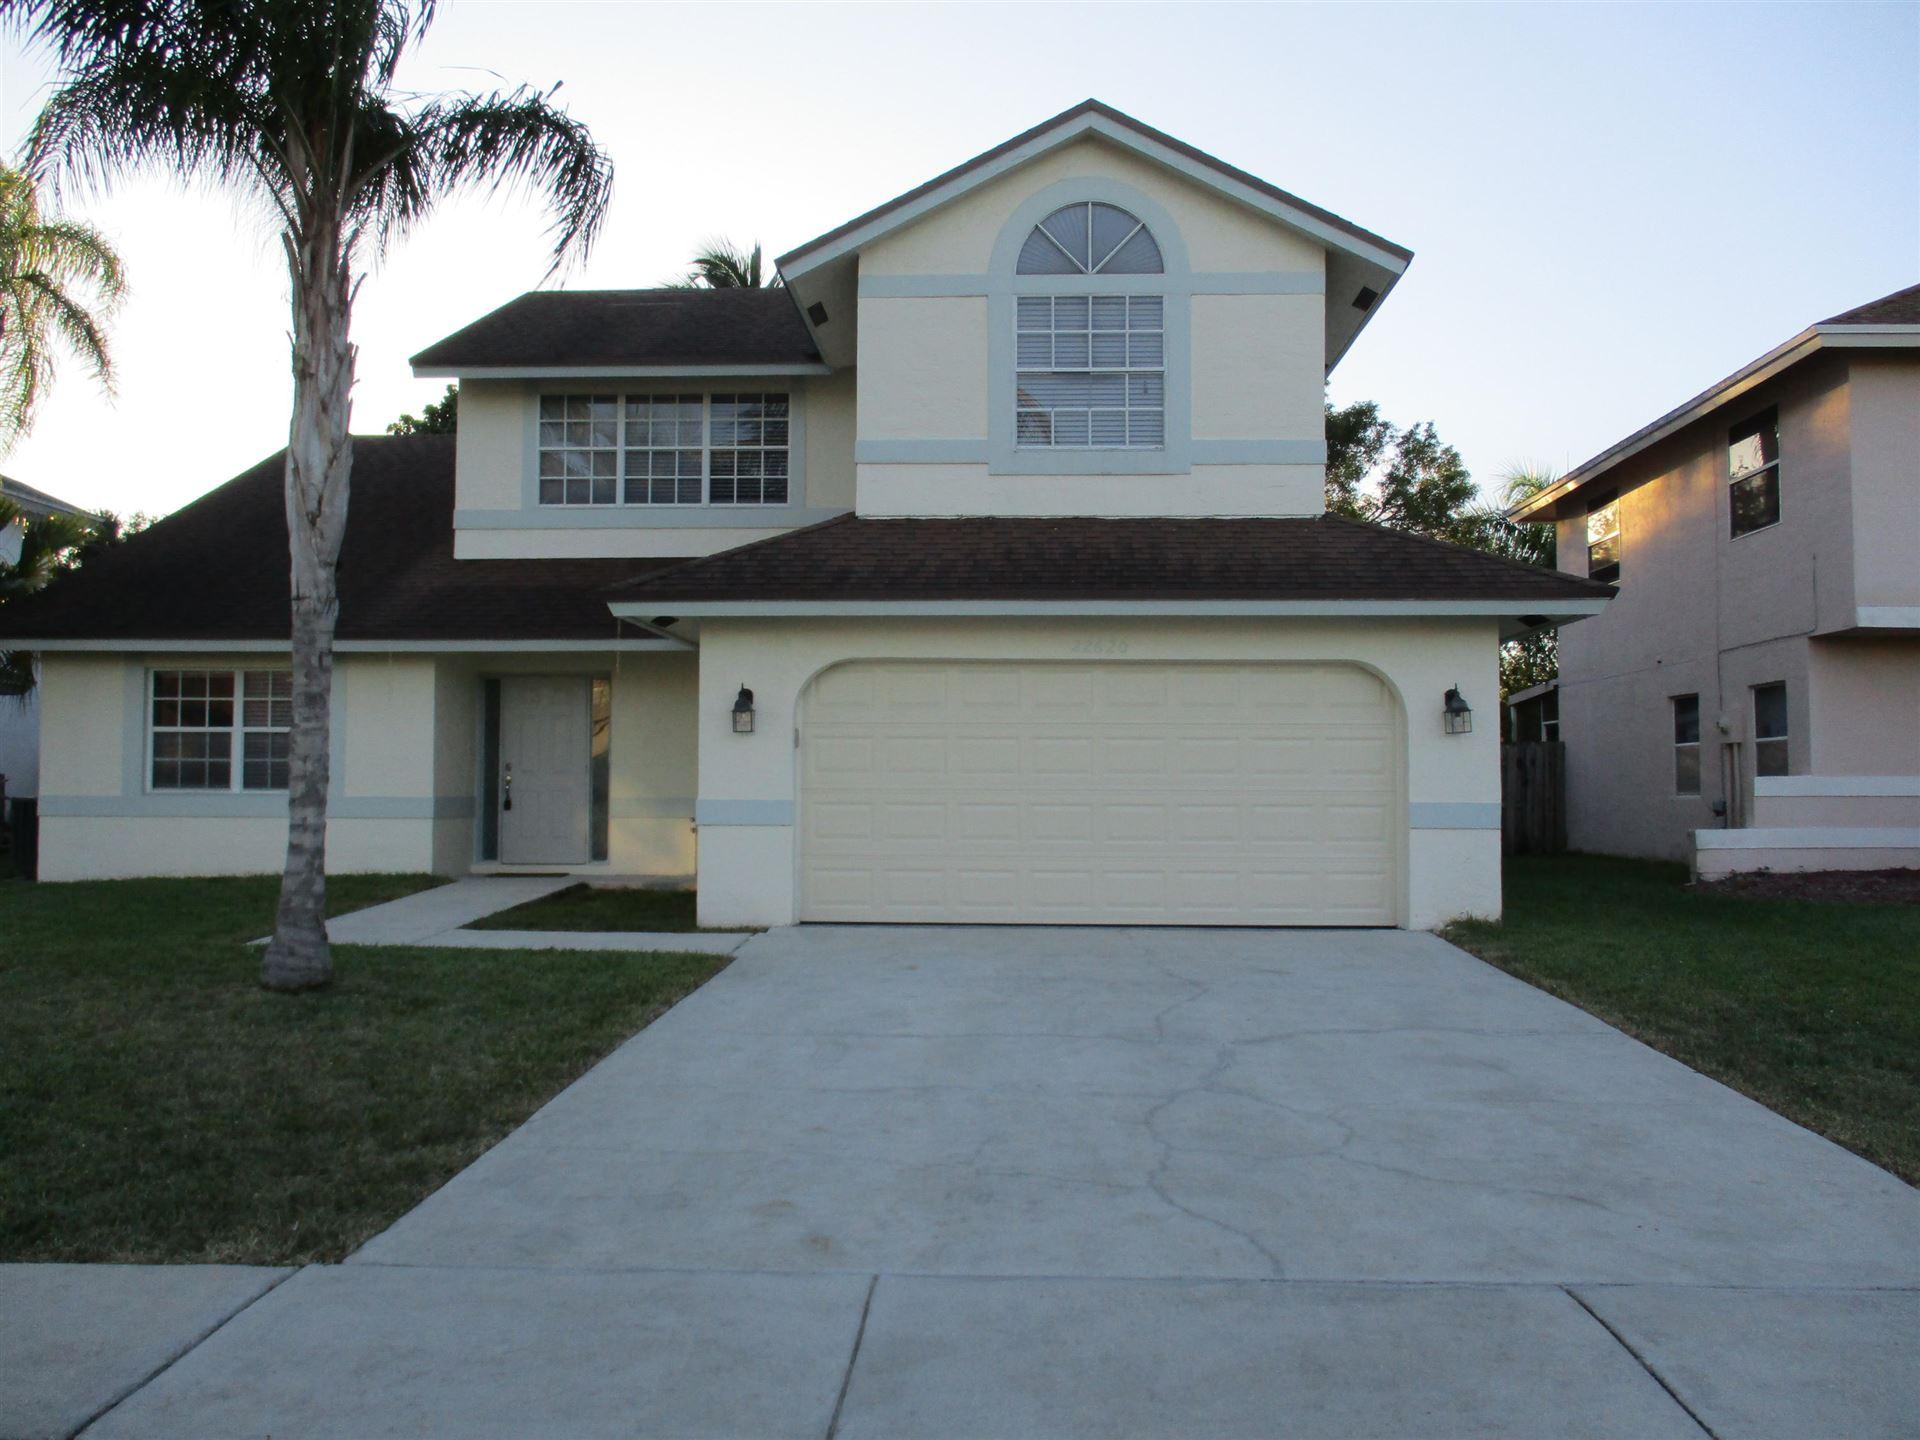 22620 Blue Fin Trail, Boca Raton, FL 33428 - MLS#: RX-10703638